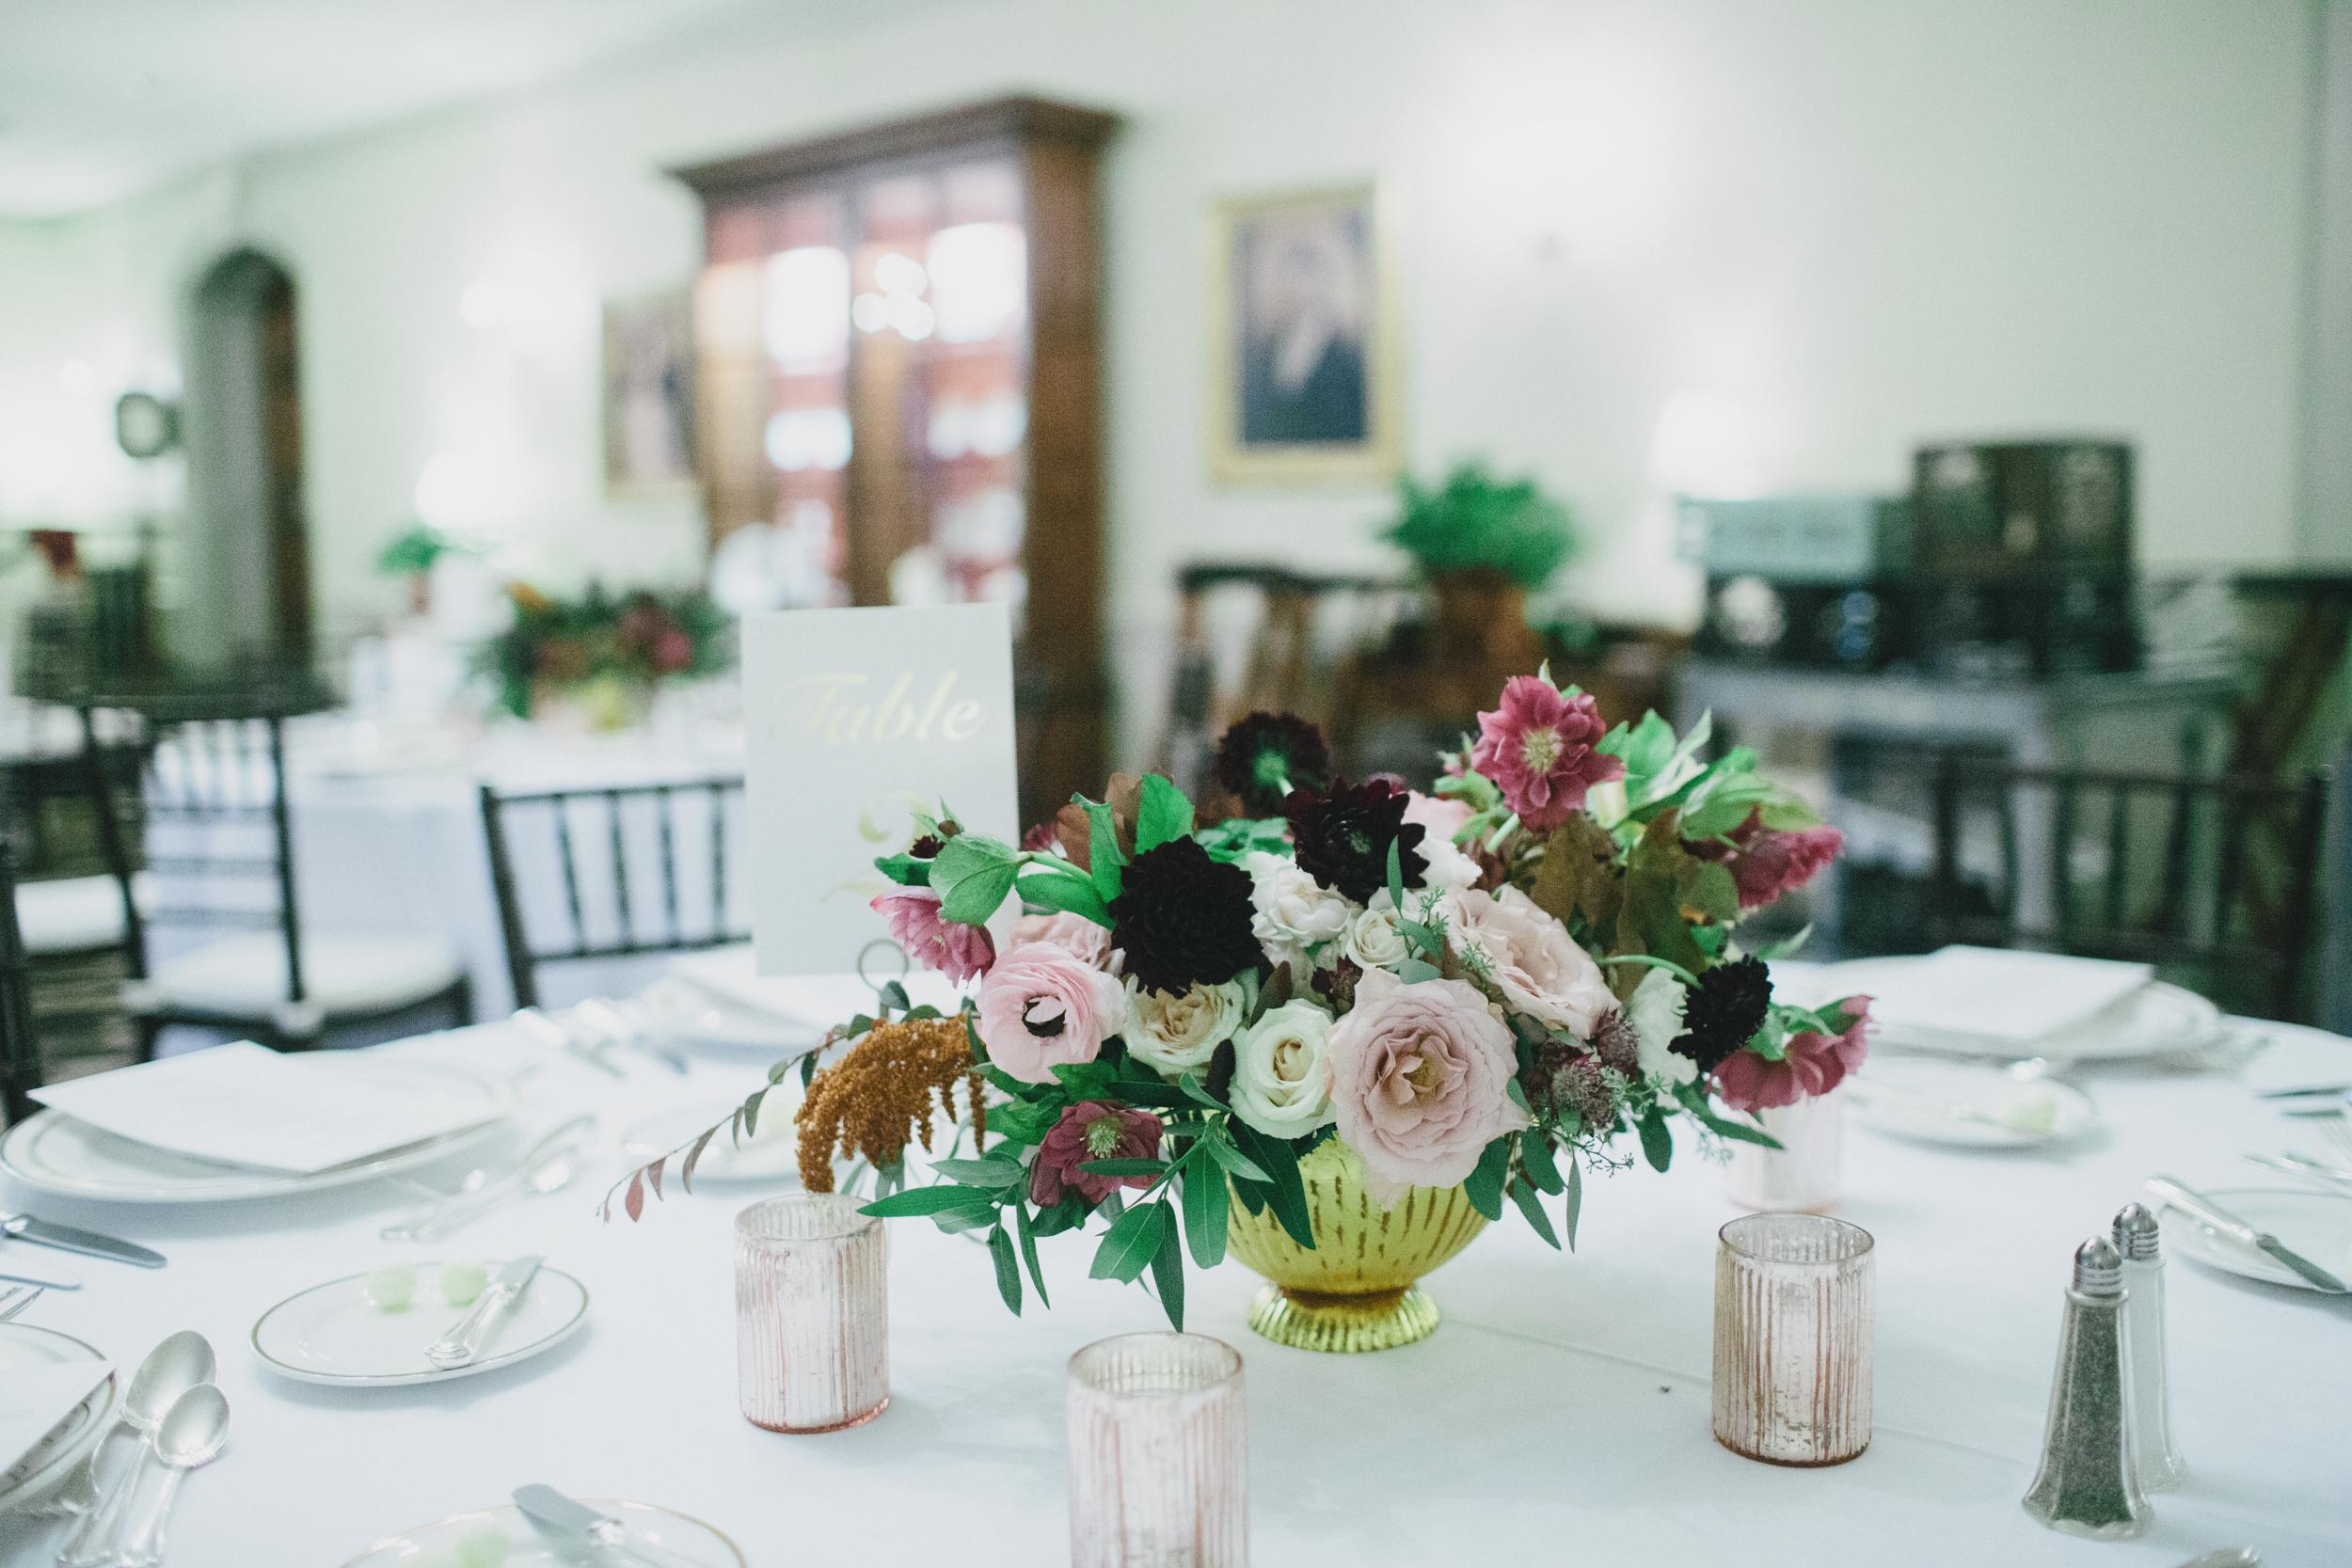 williamsburg-inn-wedding-centerpieces